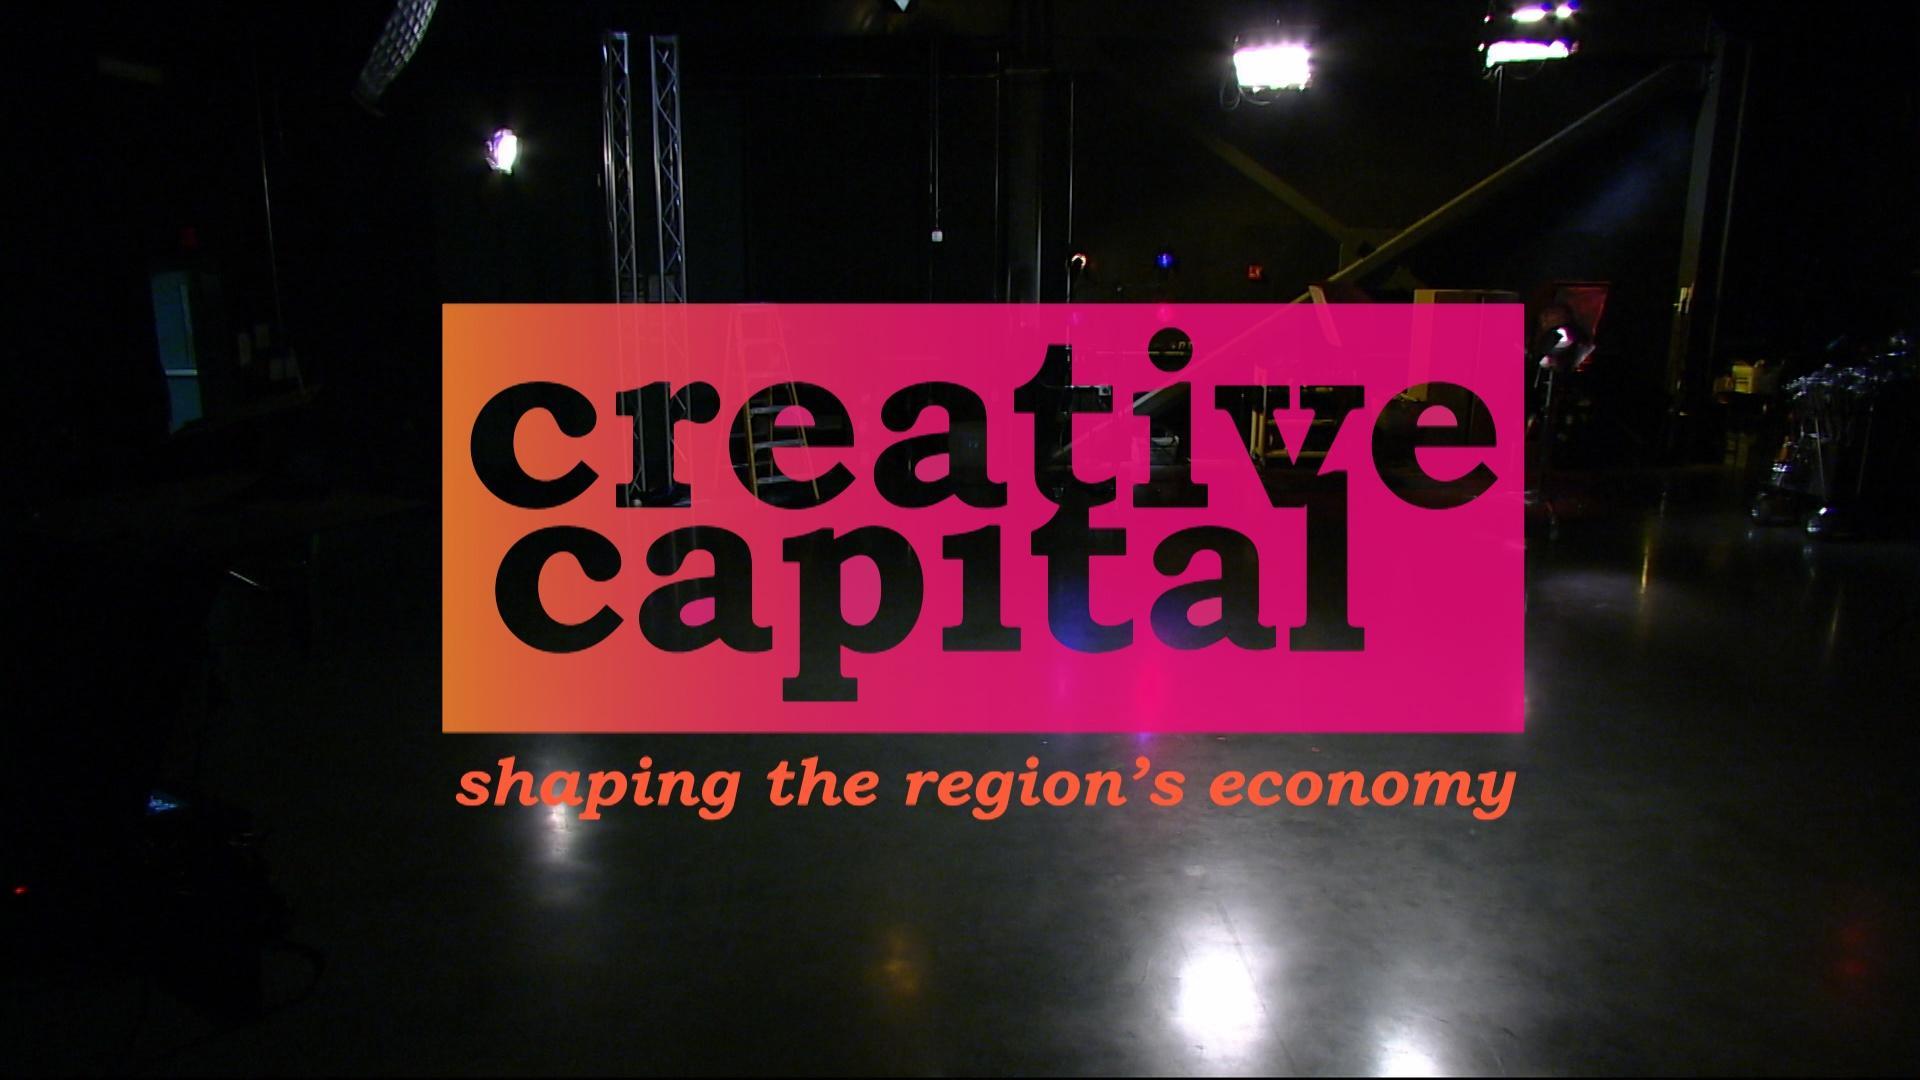 Creative Capital: Shaping the Region's Economy